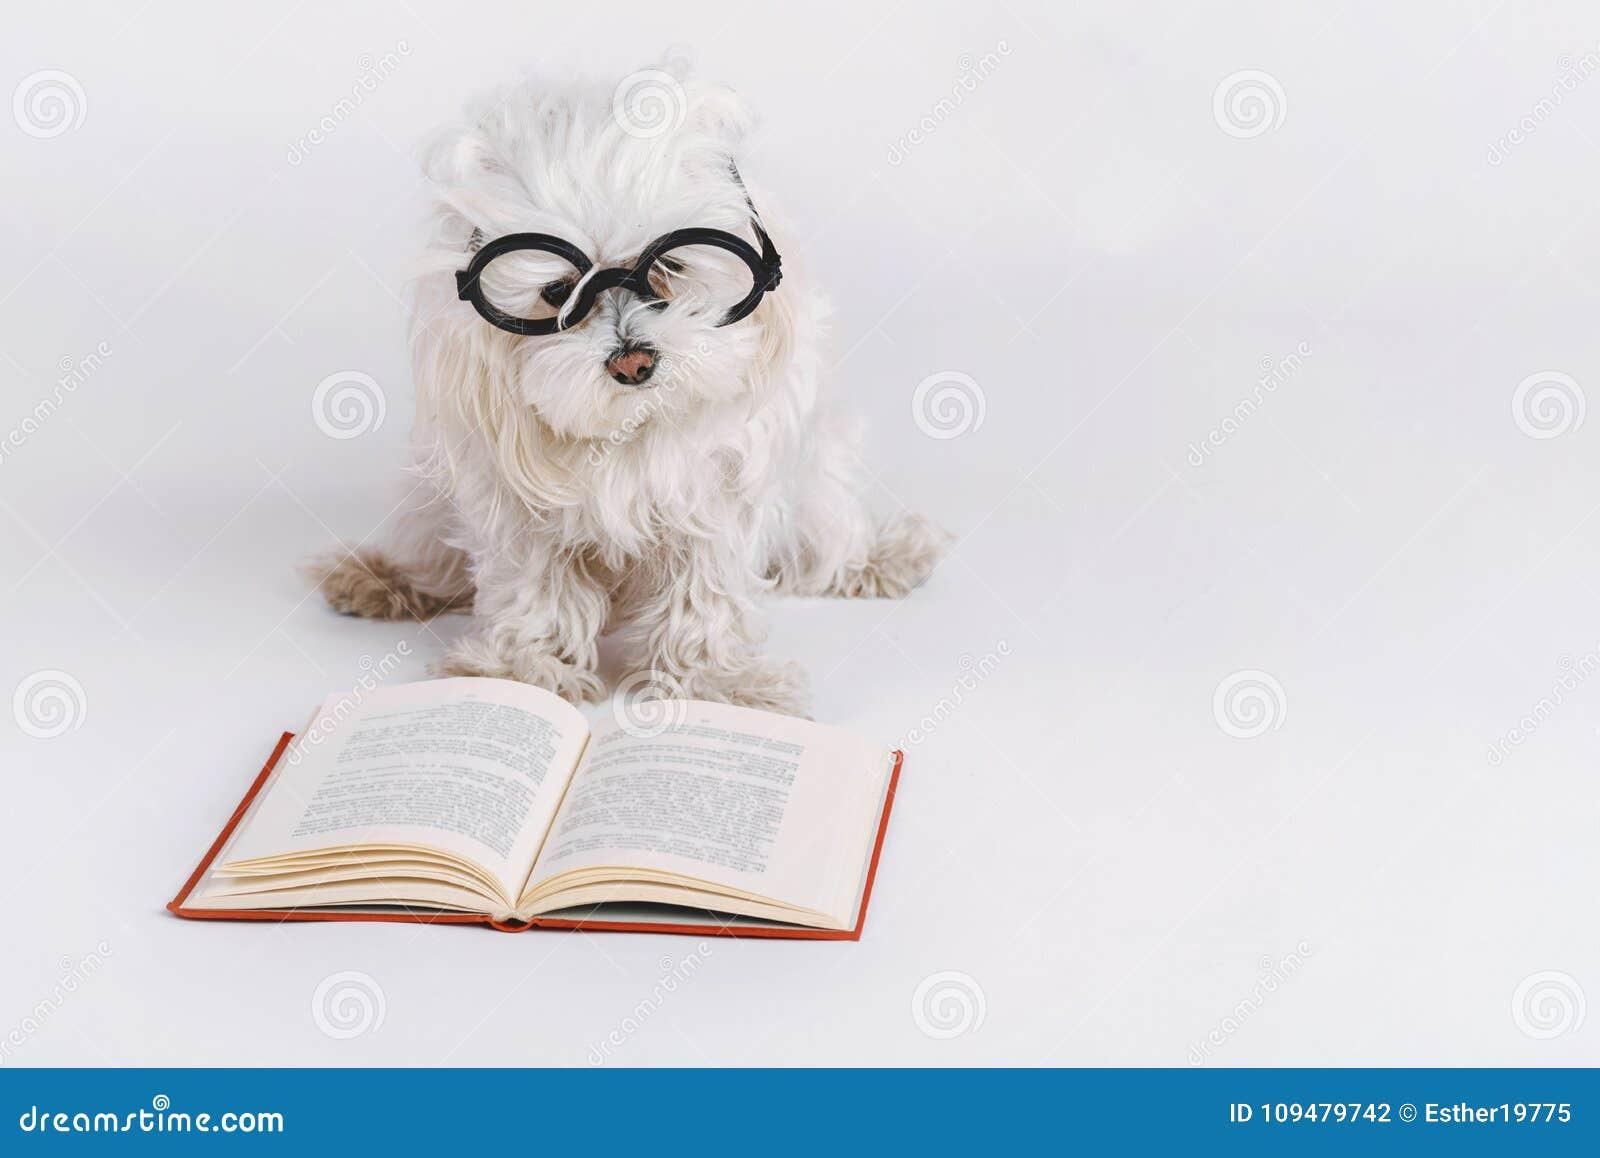 Perro divertido con vidrios y un libro